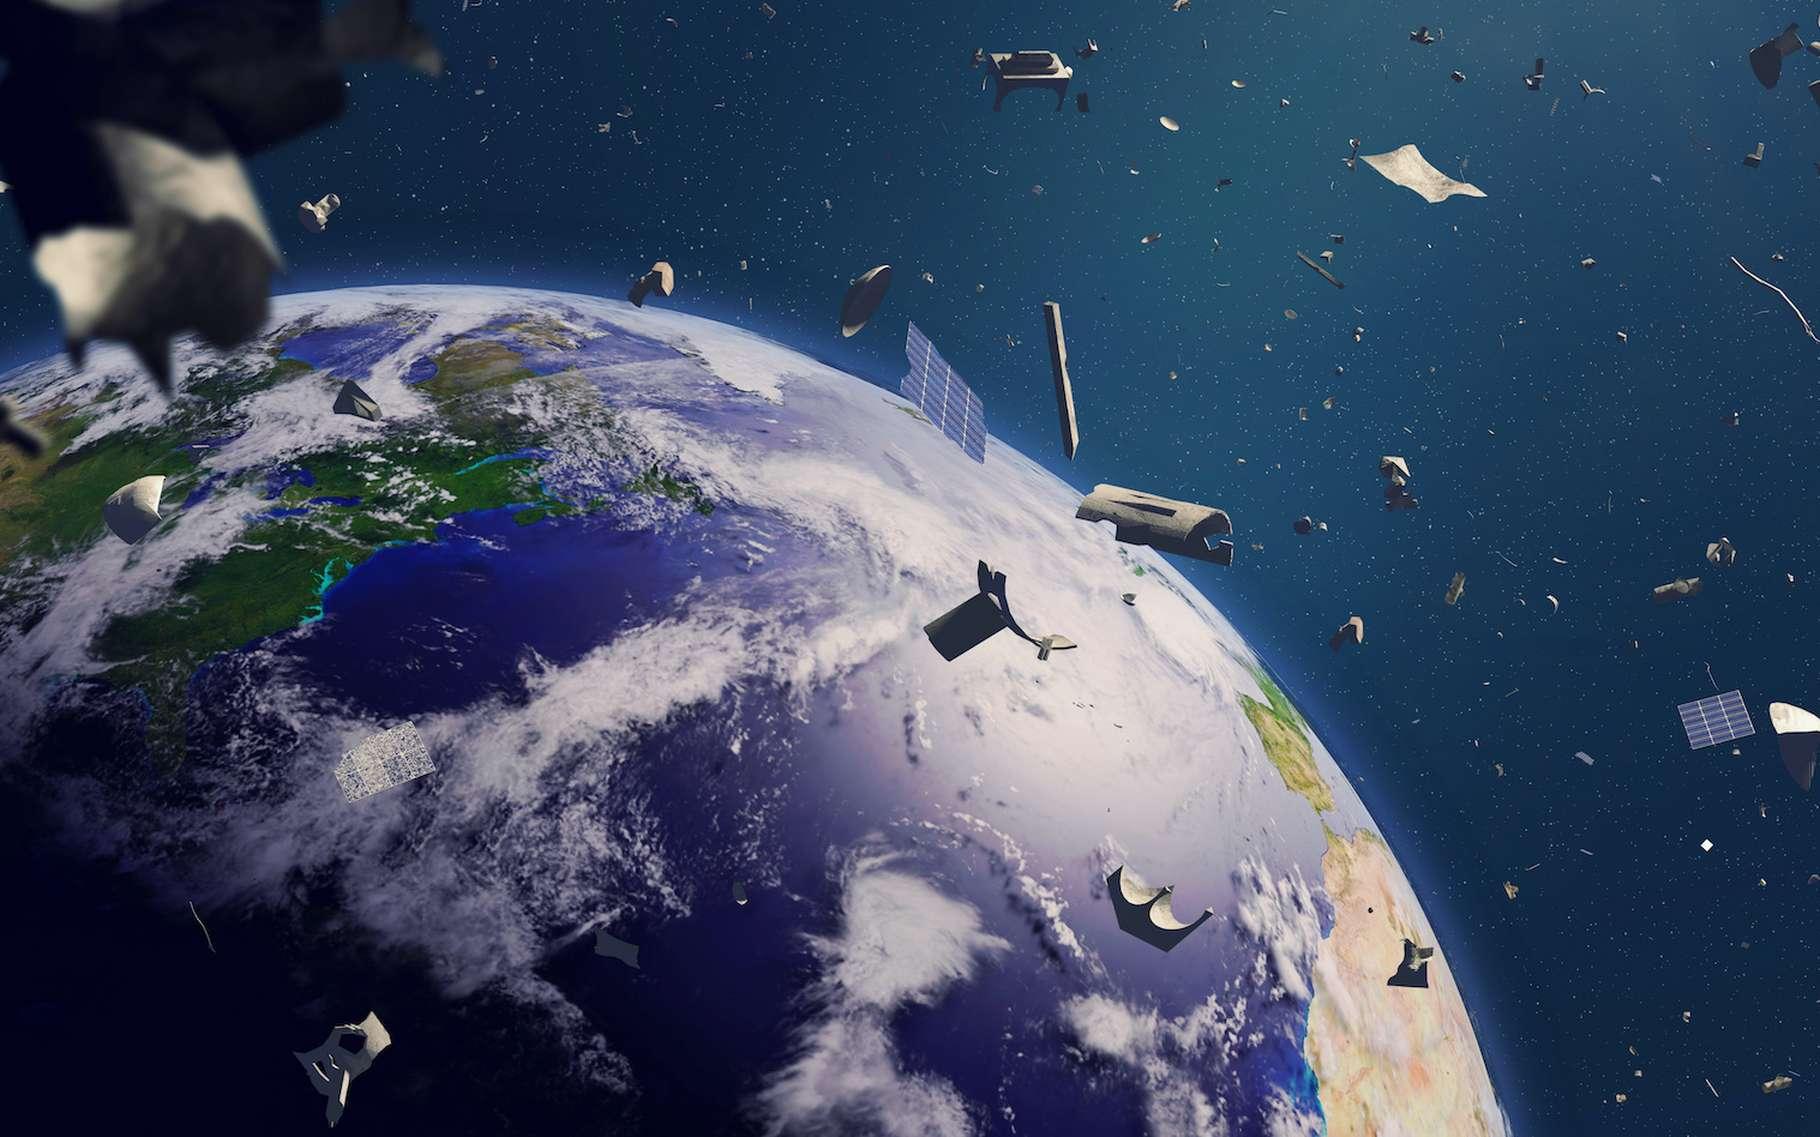 Certains débris spatiaux sont surveillés pour éviter les collisions. Mais d'autres sont trop petits pour être suivis. L'un d'eux vient de heurter la Station spatiale internationale (ISS). © dottedyeti, Adobe Stock